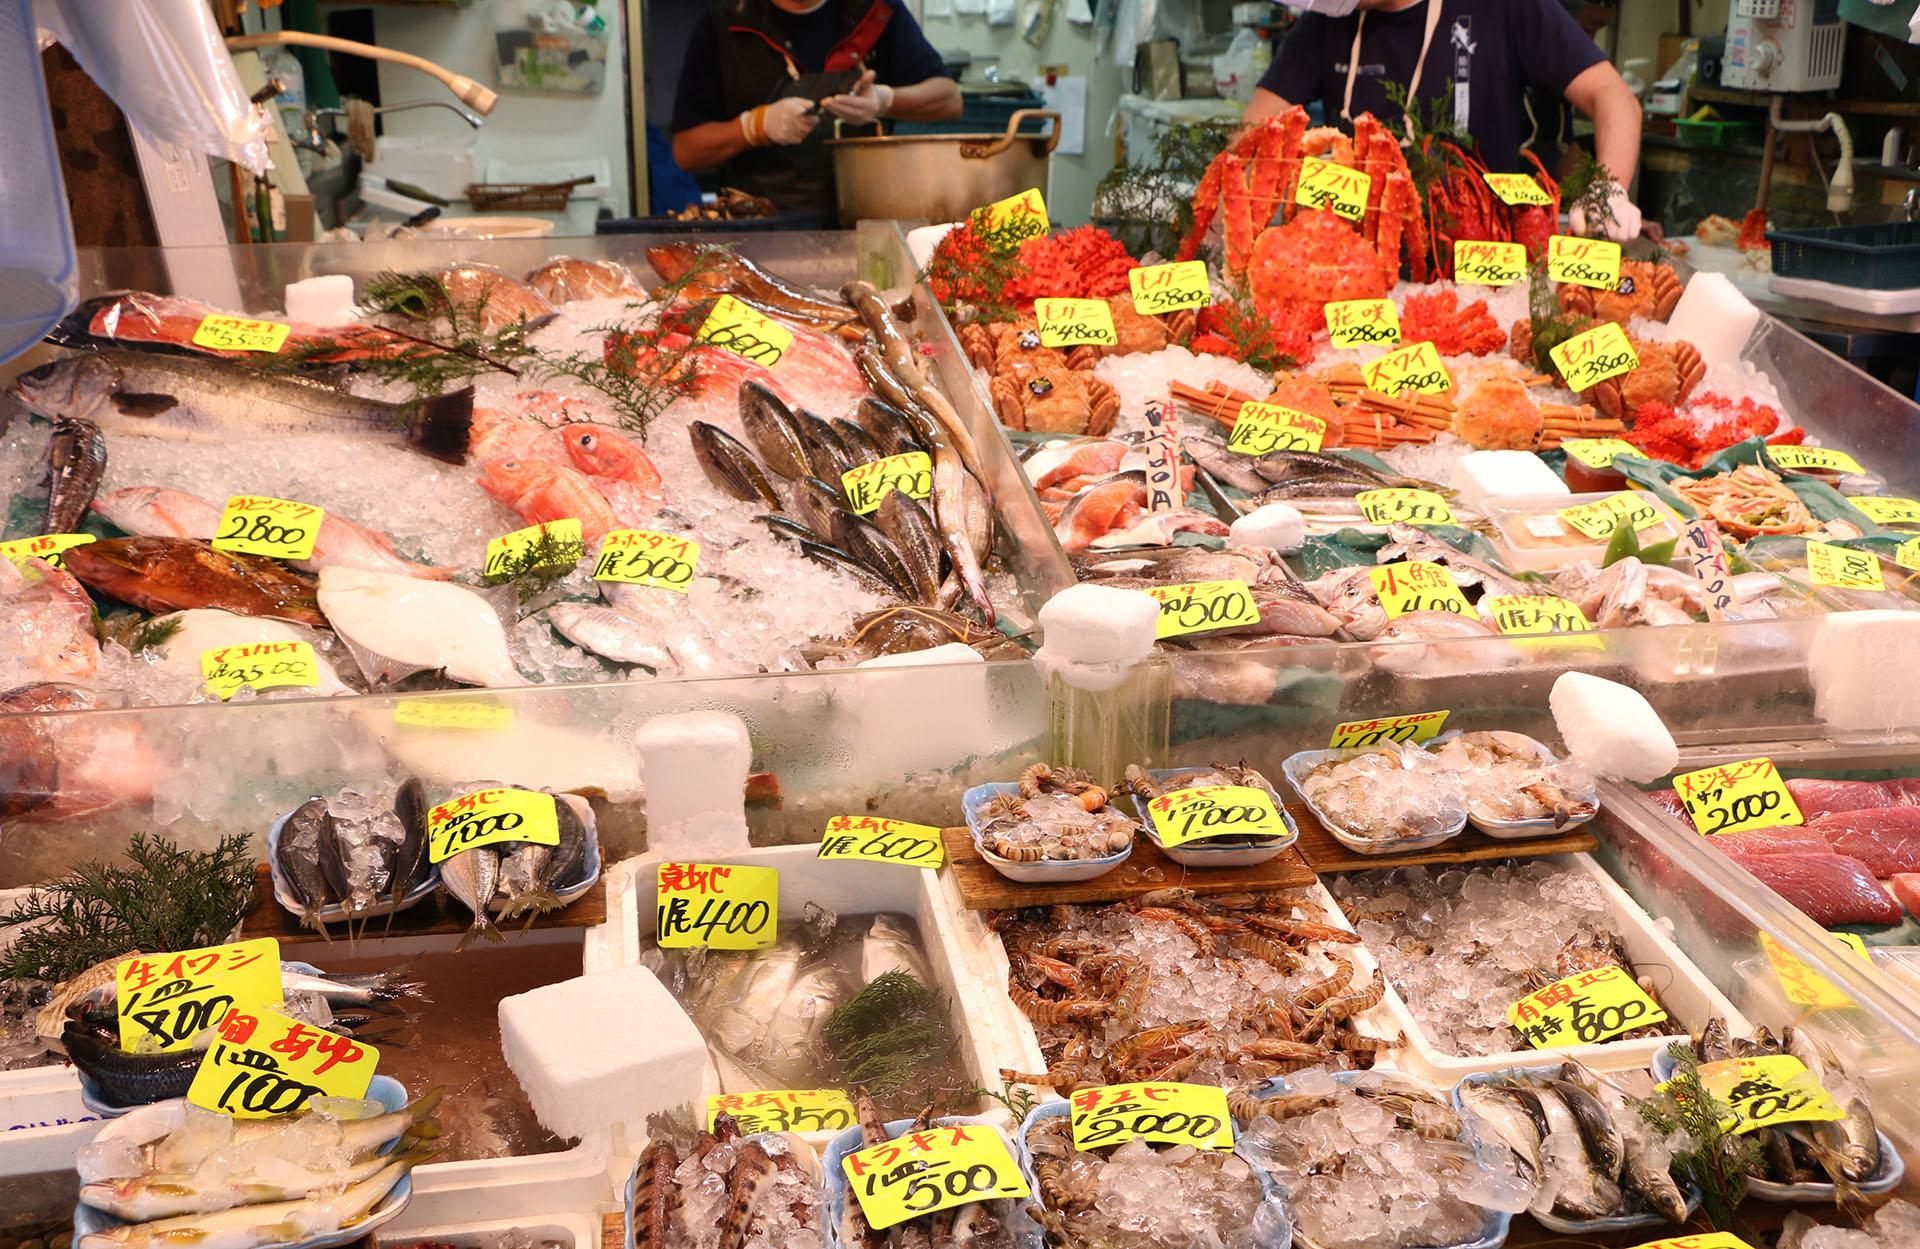 La calidad de los frutos de mar es uno de los detalles más importantes a la hora de comprar (Getty images)